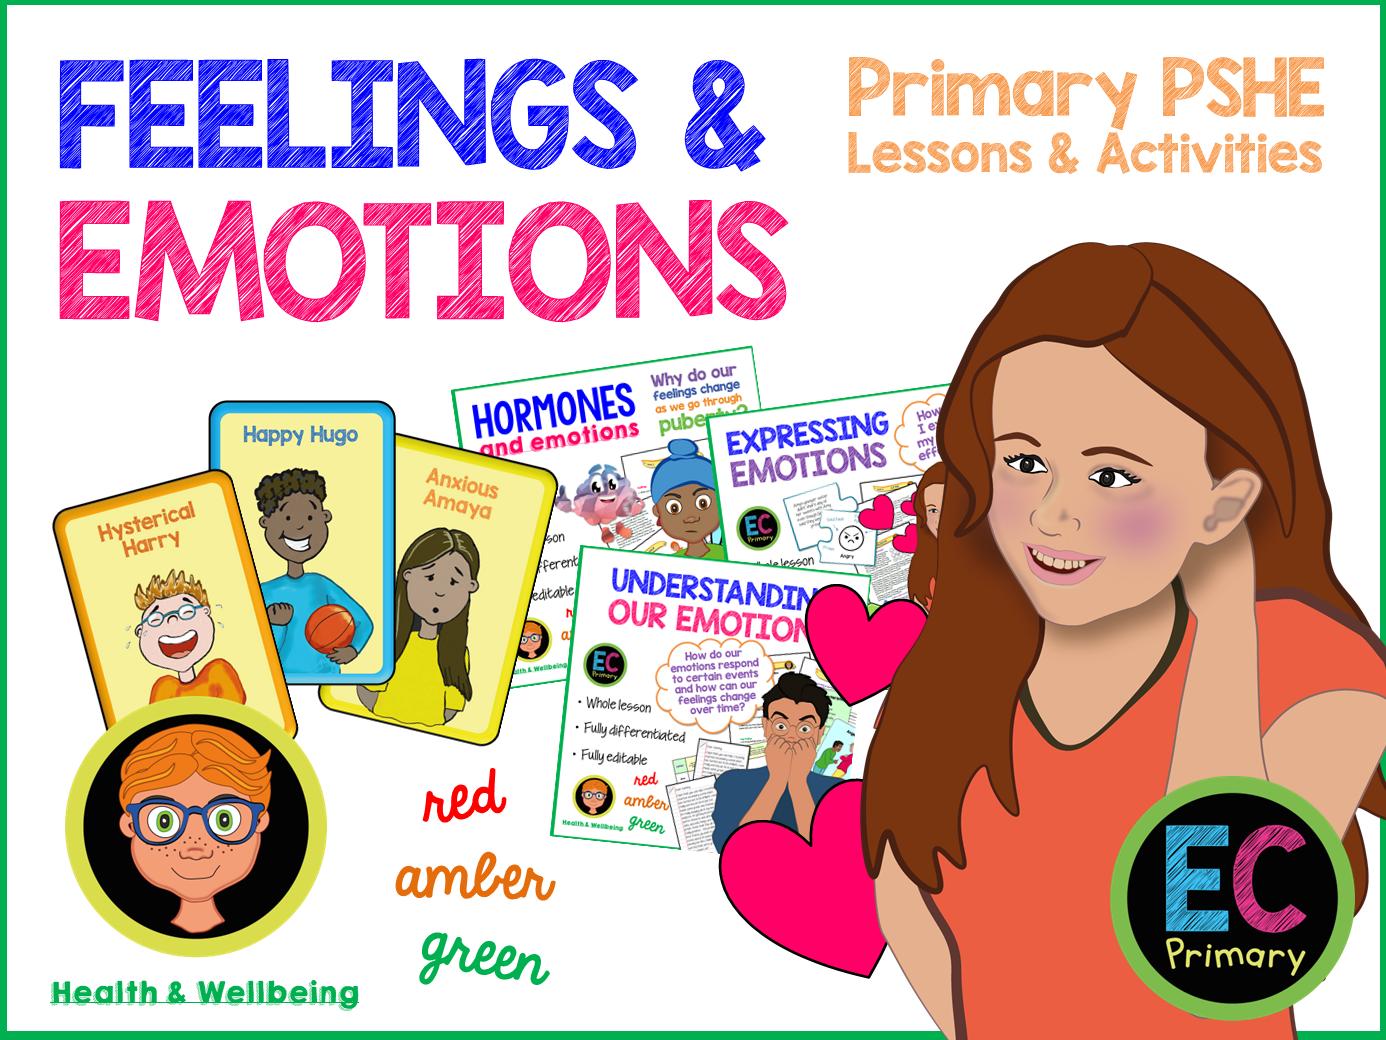 Emotions KS2 Primary PSHE